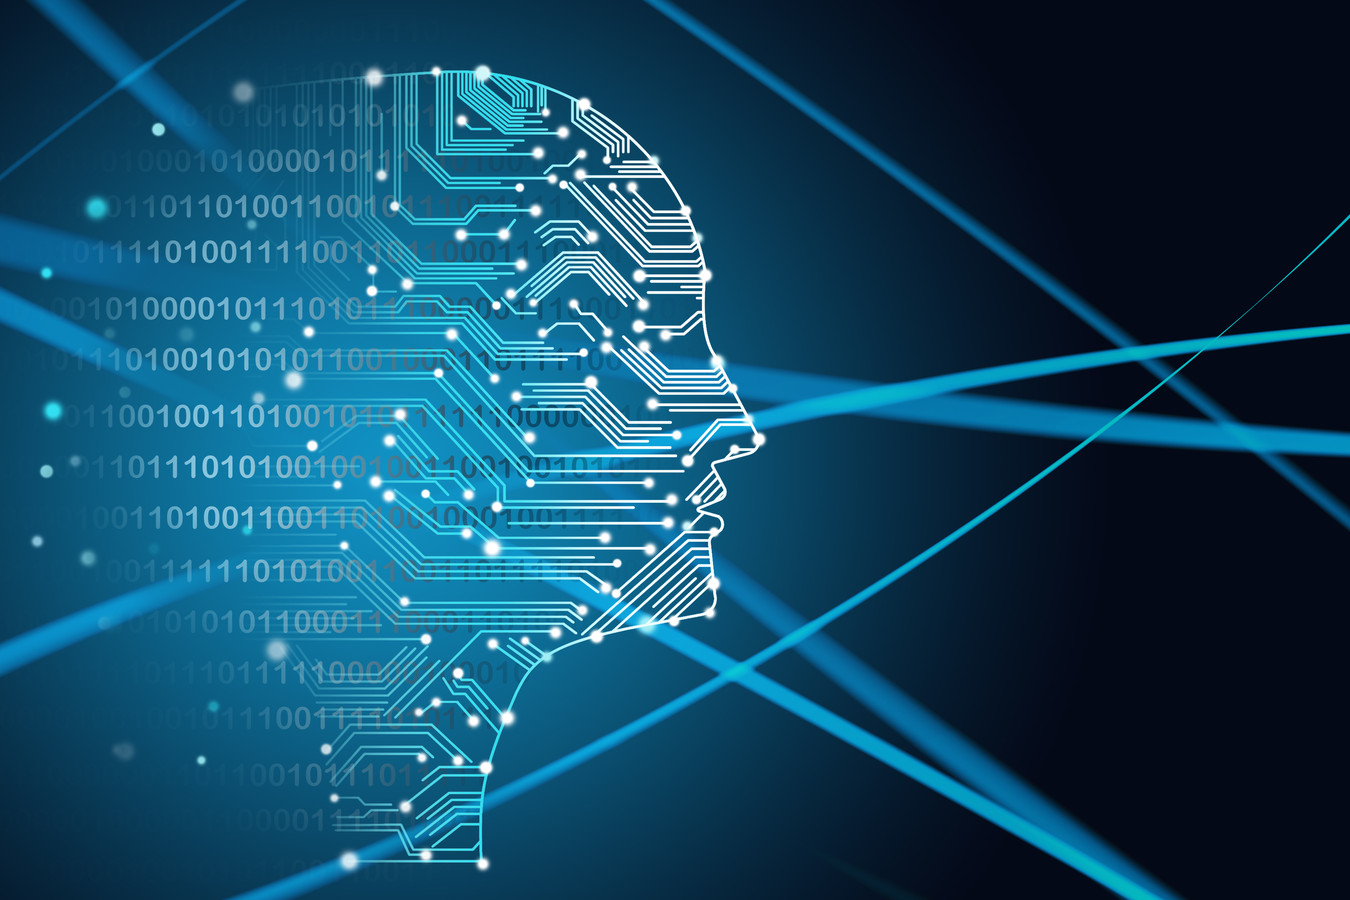 Het onlangs in Den Bosch geopende onderzoekslaboratorium KPN Responsible AI Lab is onderdeel van een nationaal netwerk voor technologie- en talentontwikkeling op het gebied van kunstmatige intelligentie.